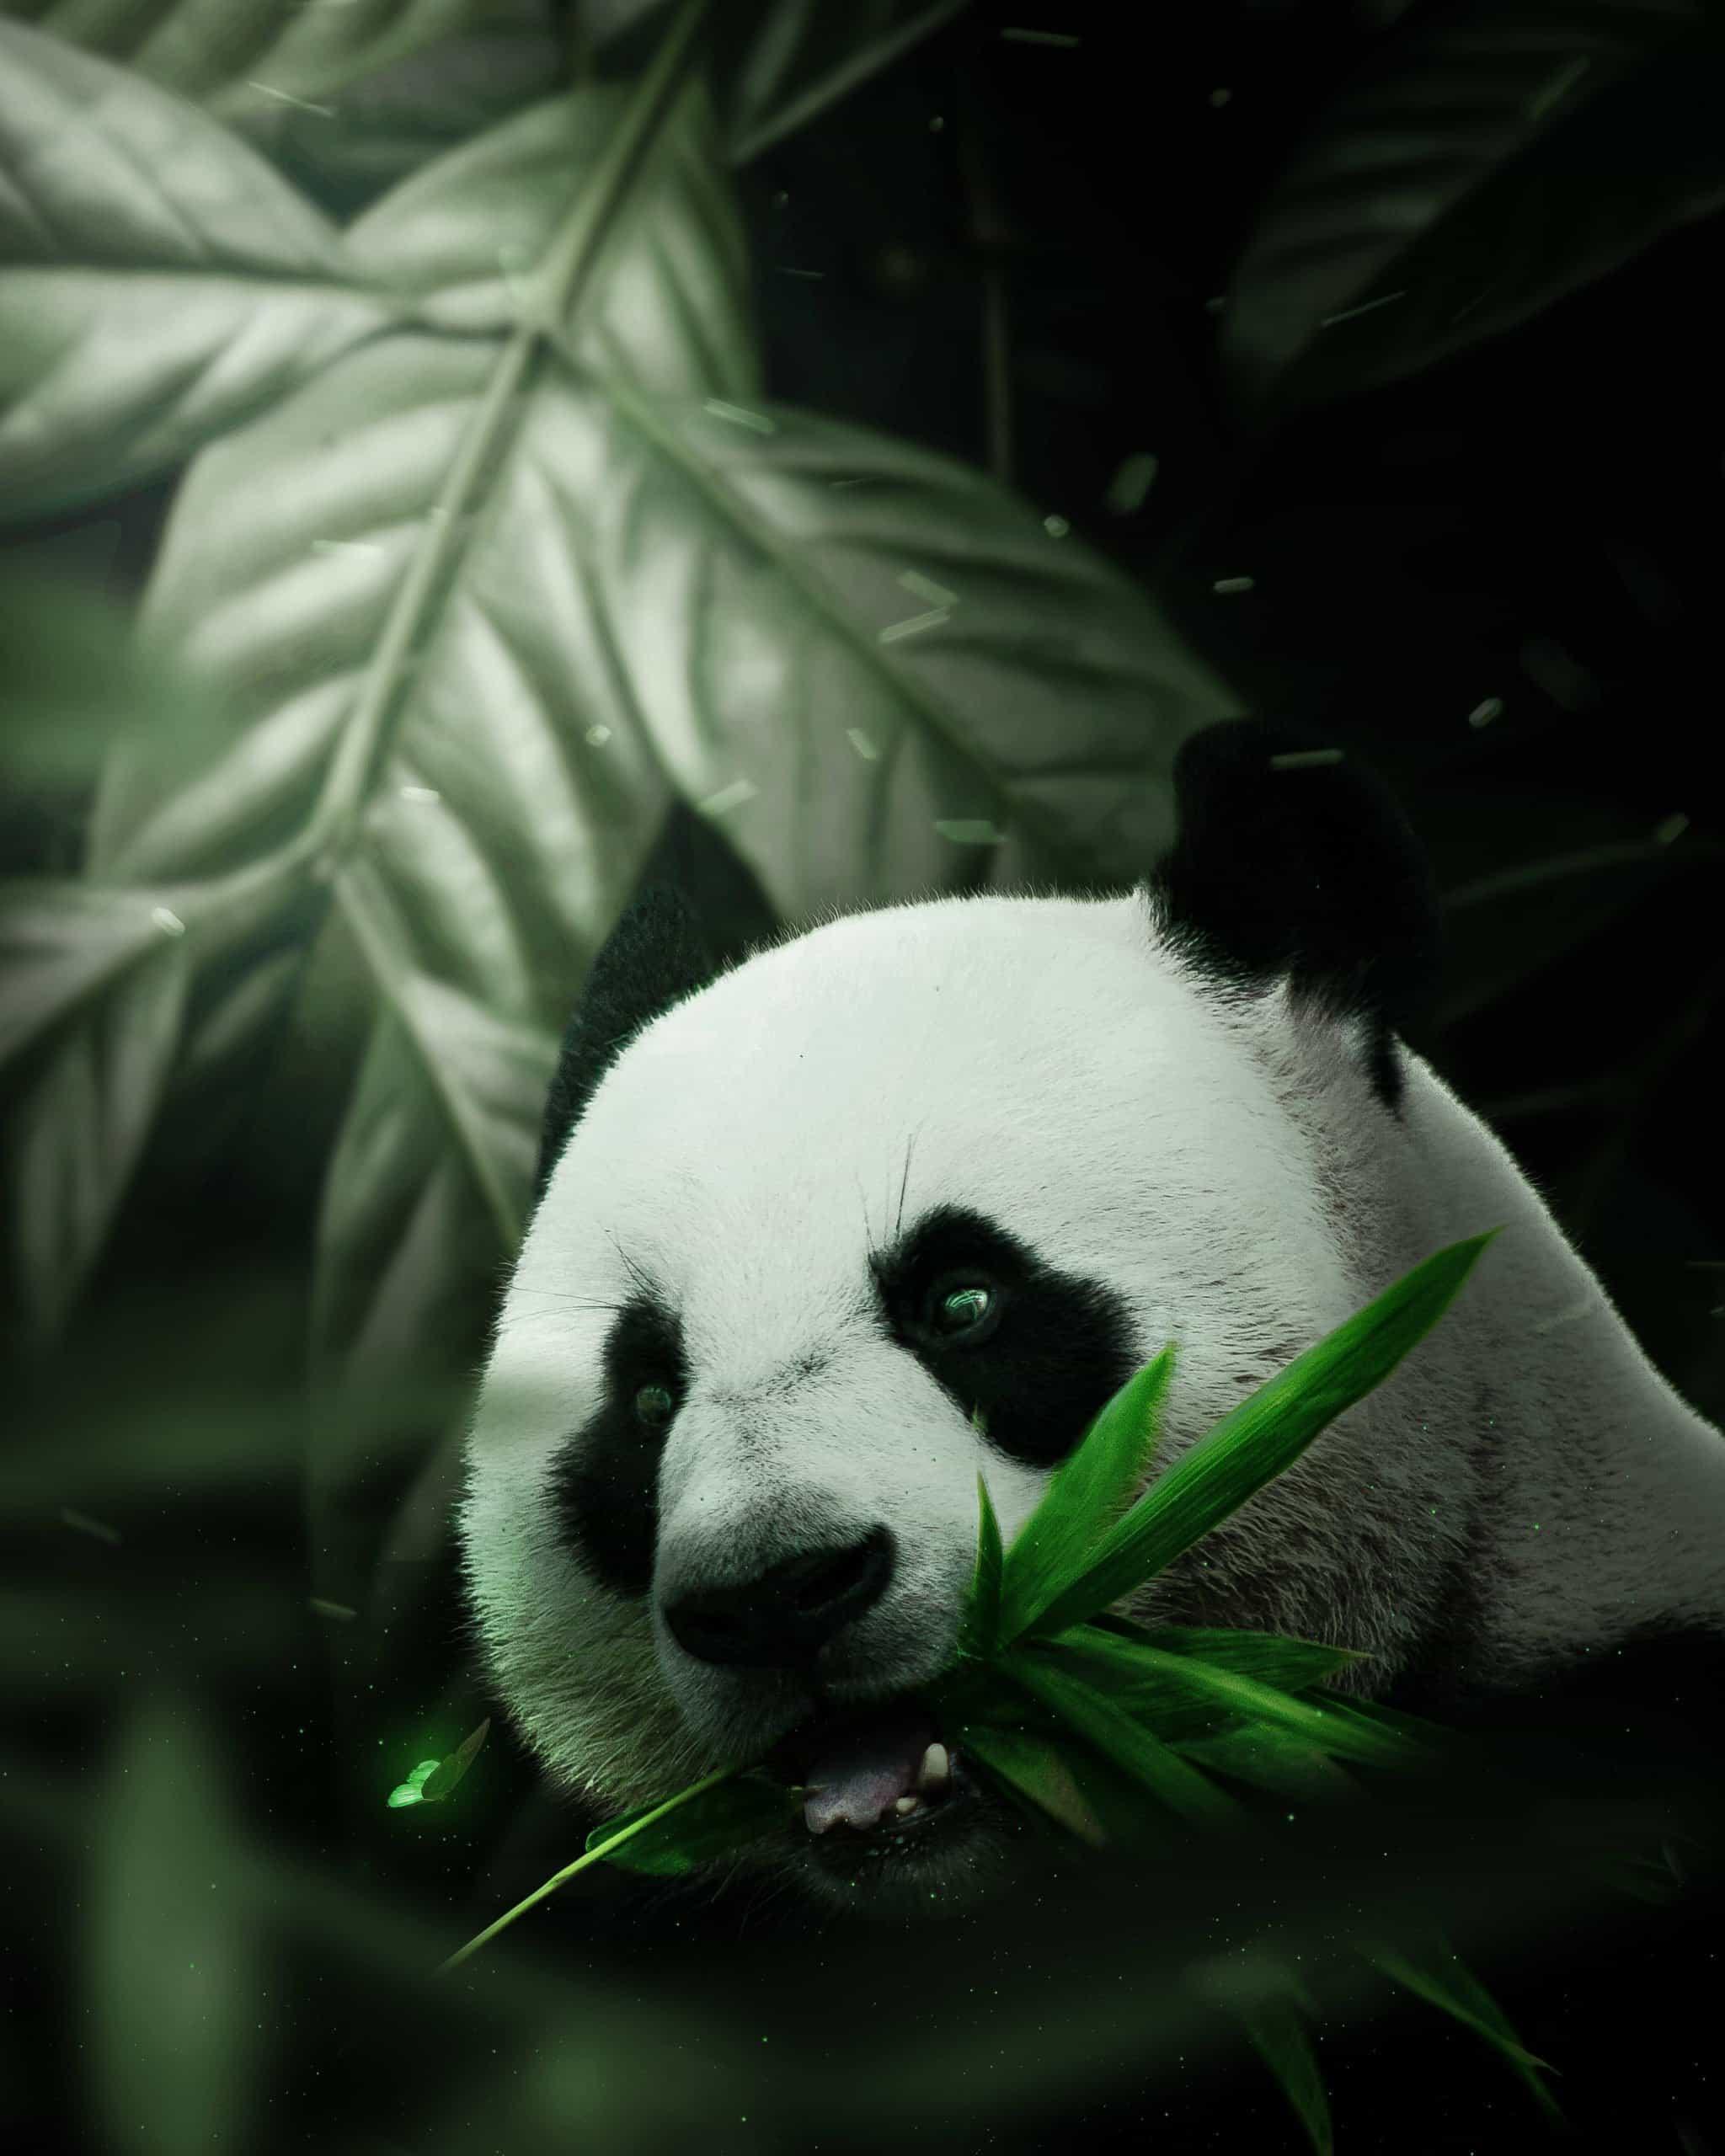 Create a Photomanipulation of Panda